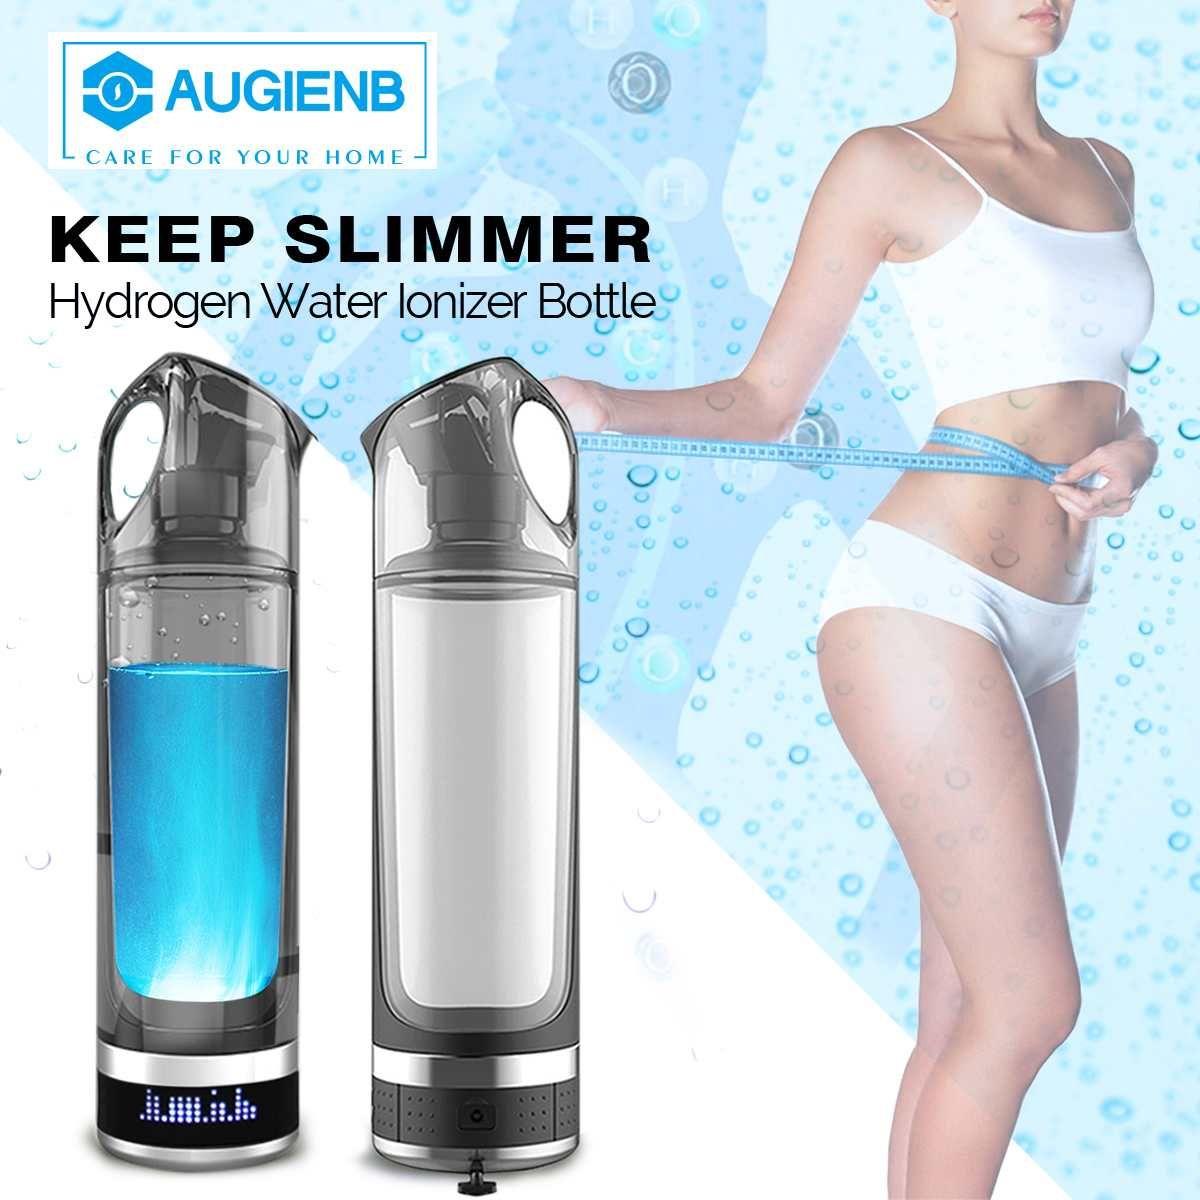 Augienb Gesunde Anti-Aging Wasserstoff Reiche Wasser Flasche Generator 500 ML Led-anzeige Wasserstoff Reiche Wasser Maker Ionisator BPA -freies